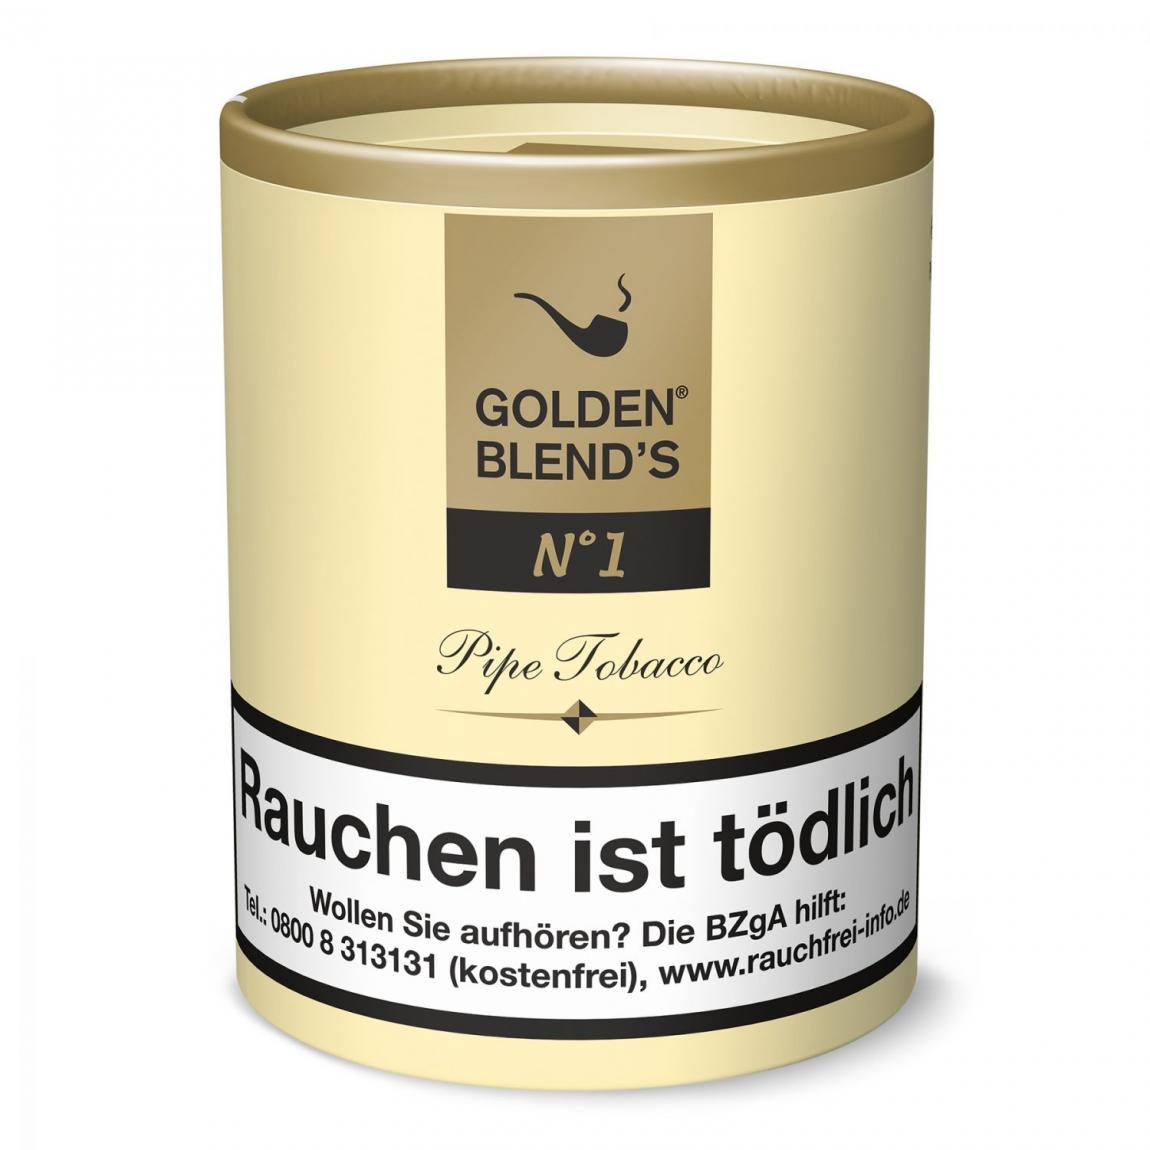 Golden Blend's No. 1, 200g